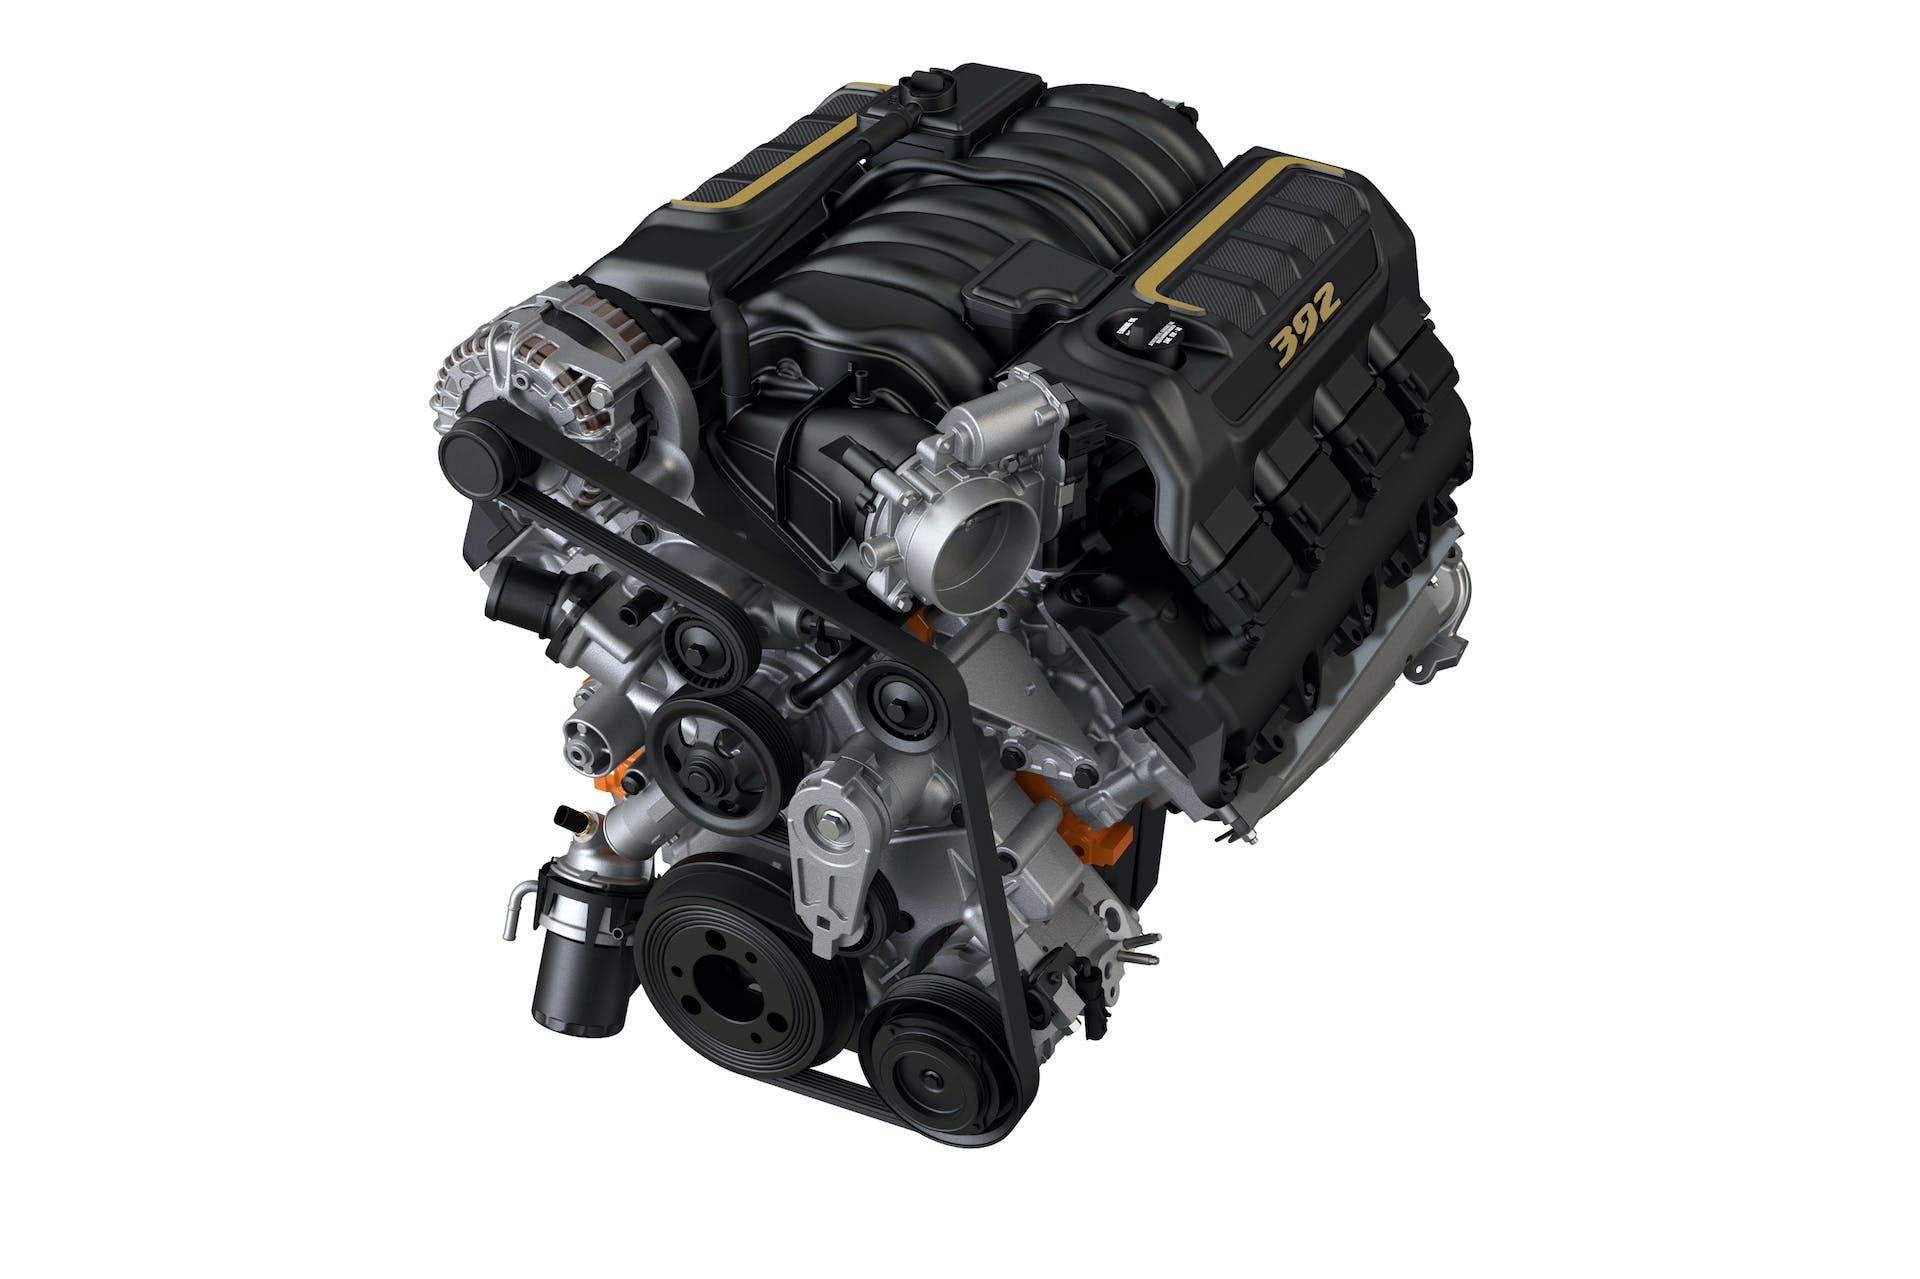 Jeep Wrangler Rubicon 392 - motore V8 HEMI